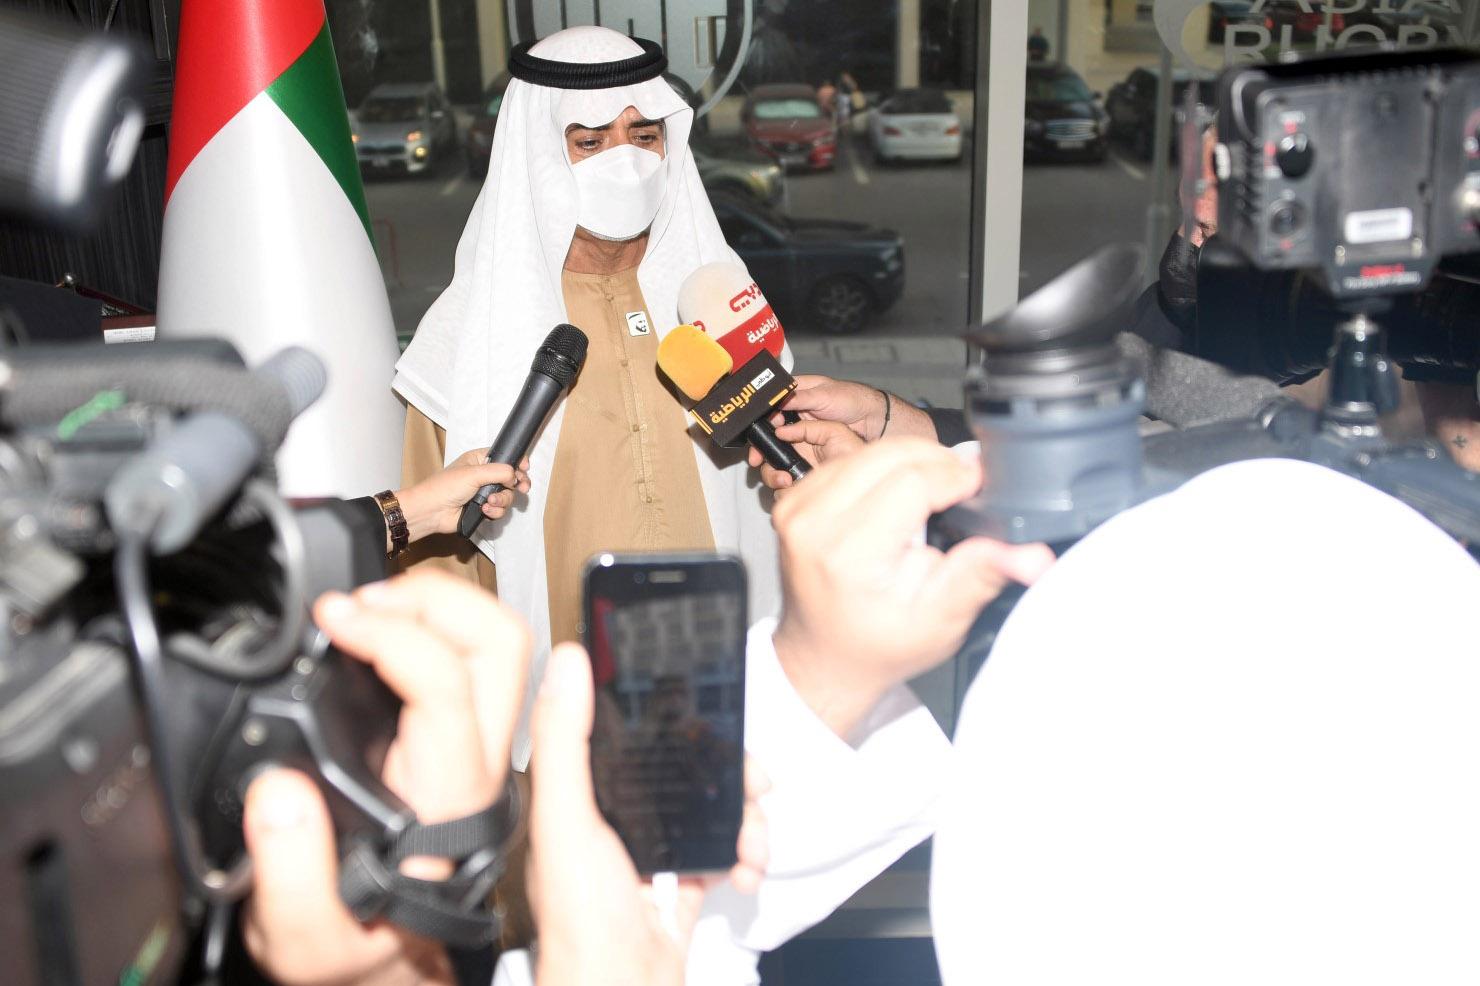 افتتاح المقر الرسمي الجديد للاتحاد الآسيوي لرياضة الرجبي فى دبي